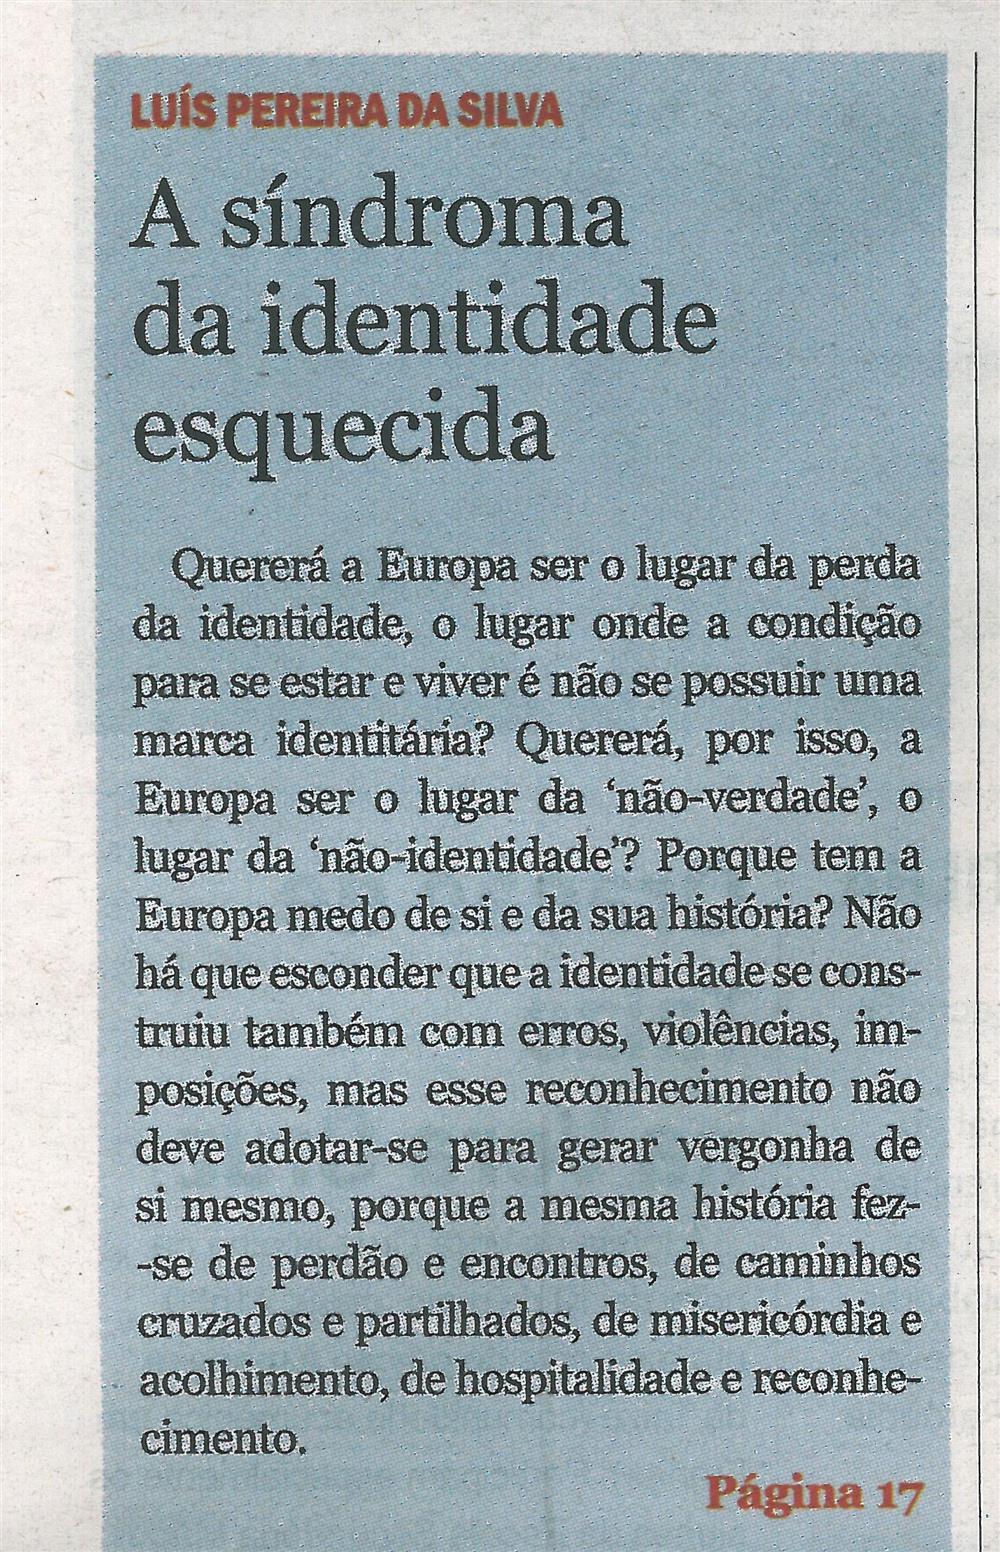 CV-08maio'19-p.1-A síndroma da identidade esquecida.jpg